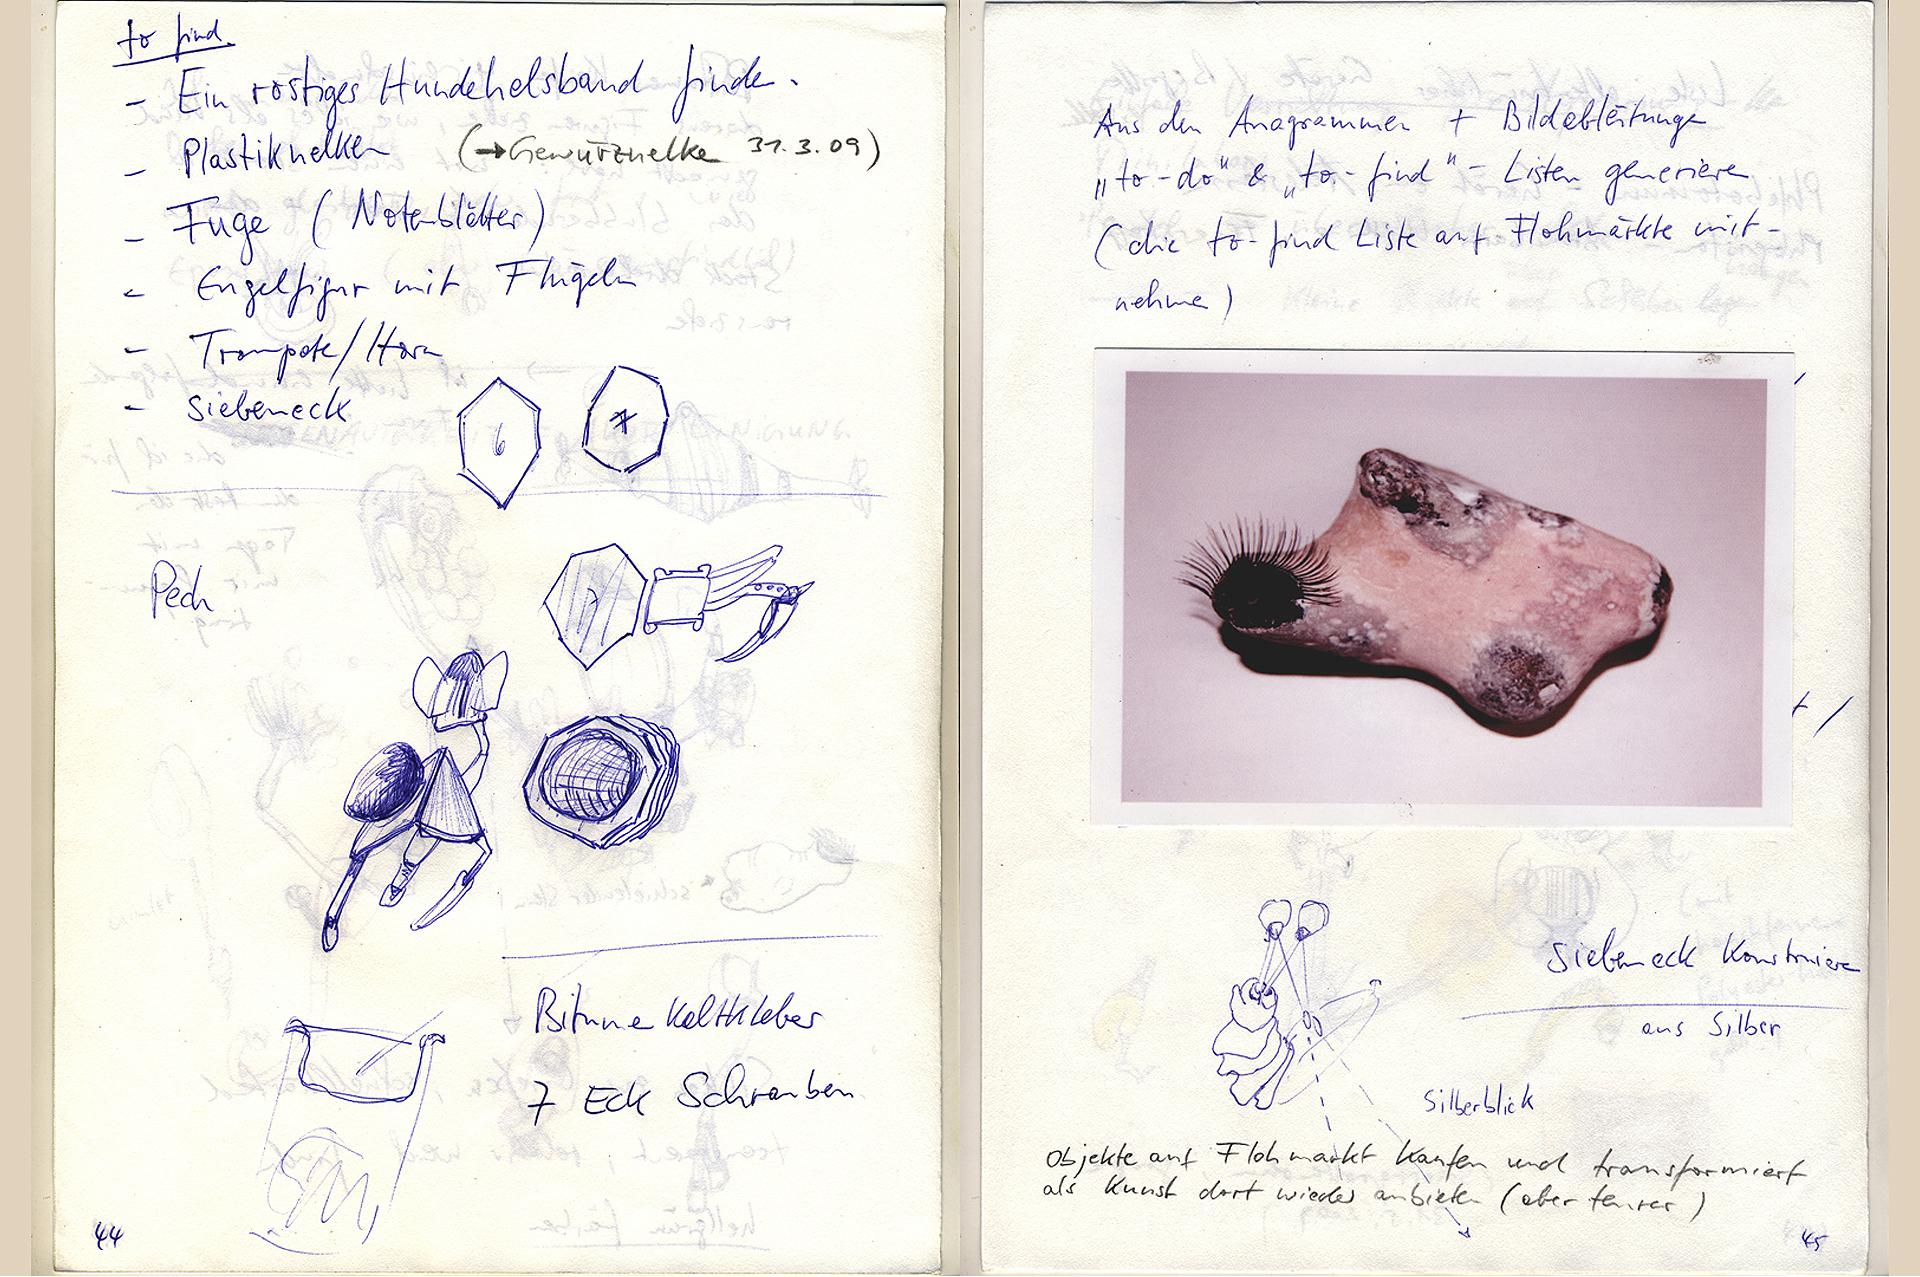 Ausstellungsansicht Anagramm@1 von Stefan Zoellner, Sammlung Siepermann, Detail Die Notizen